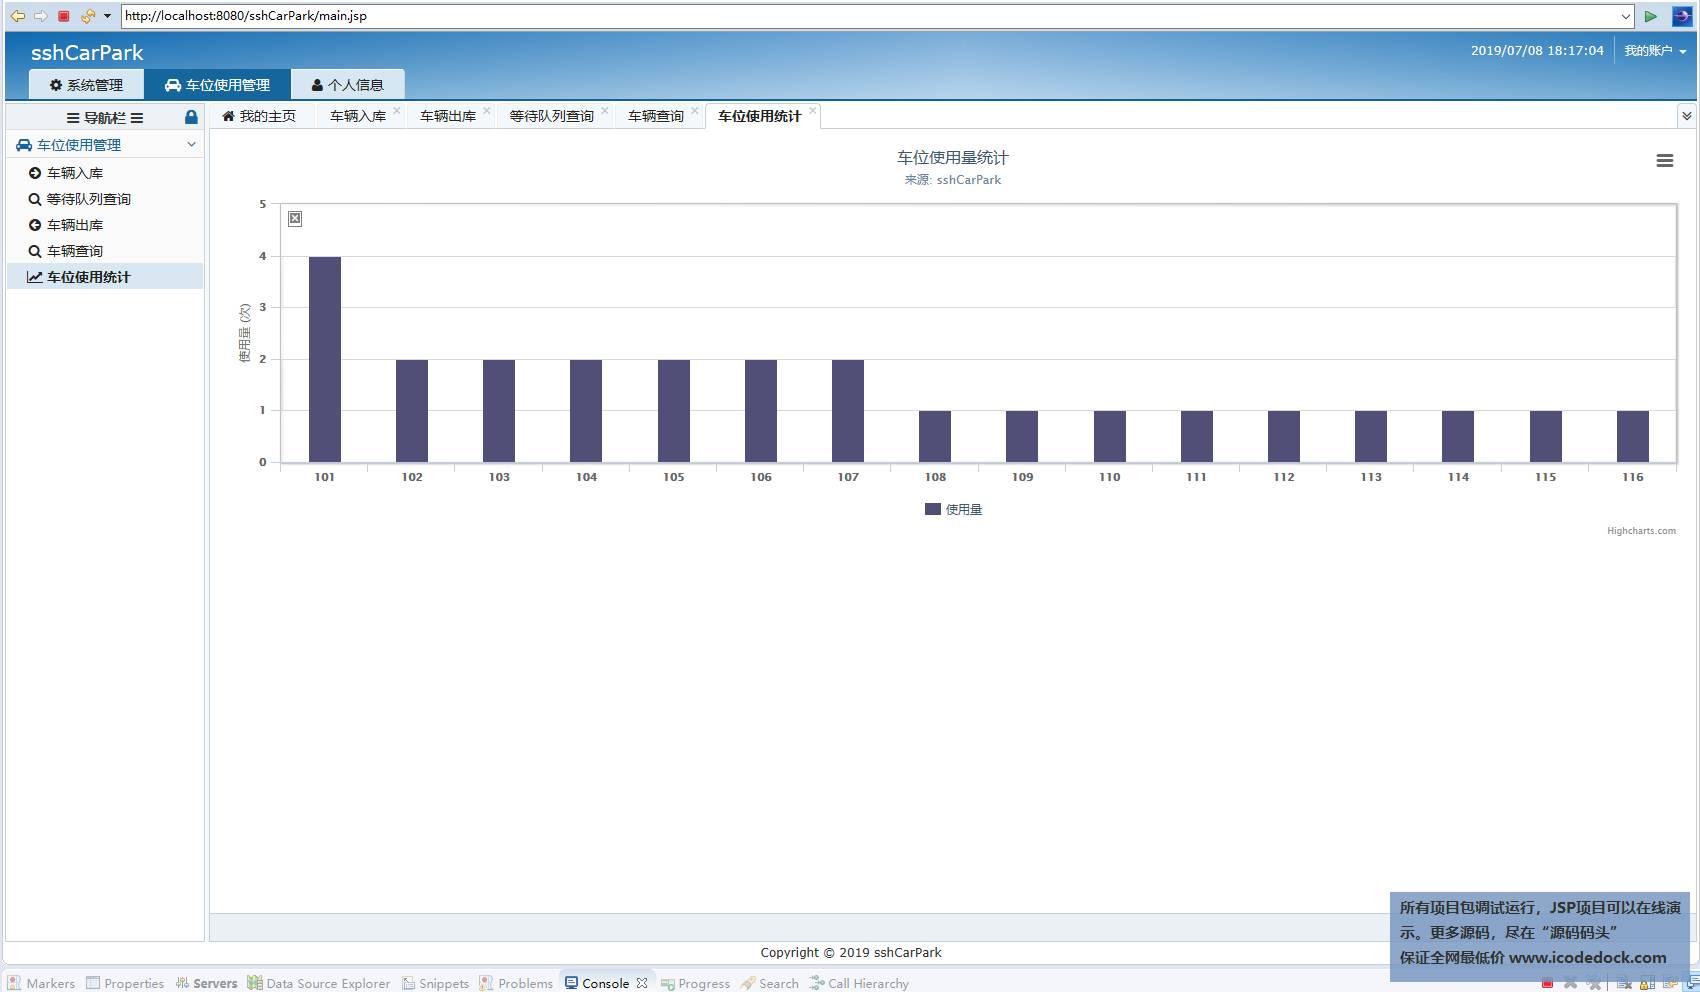 源码码头-SSH停车场管理系统-工作人员角色-车位使用统计